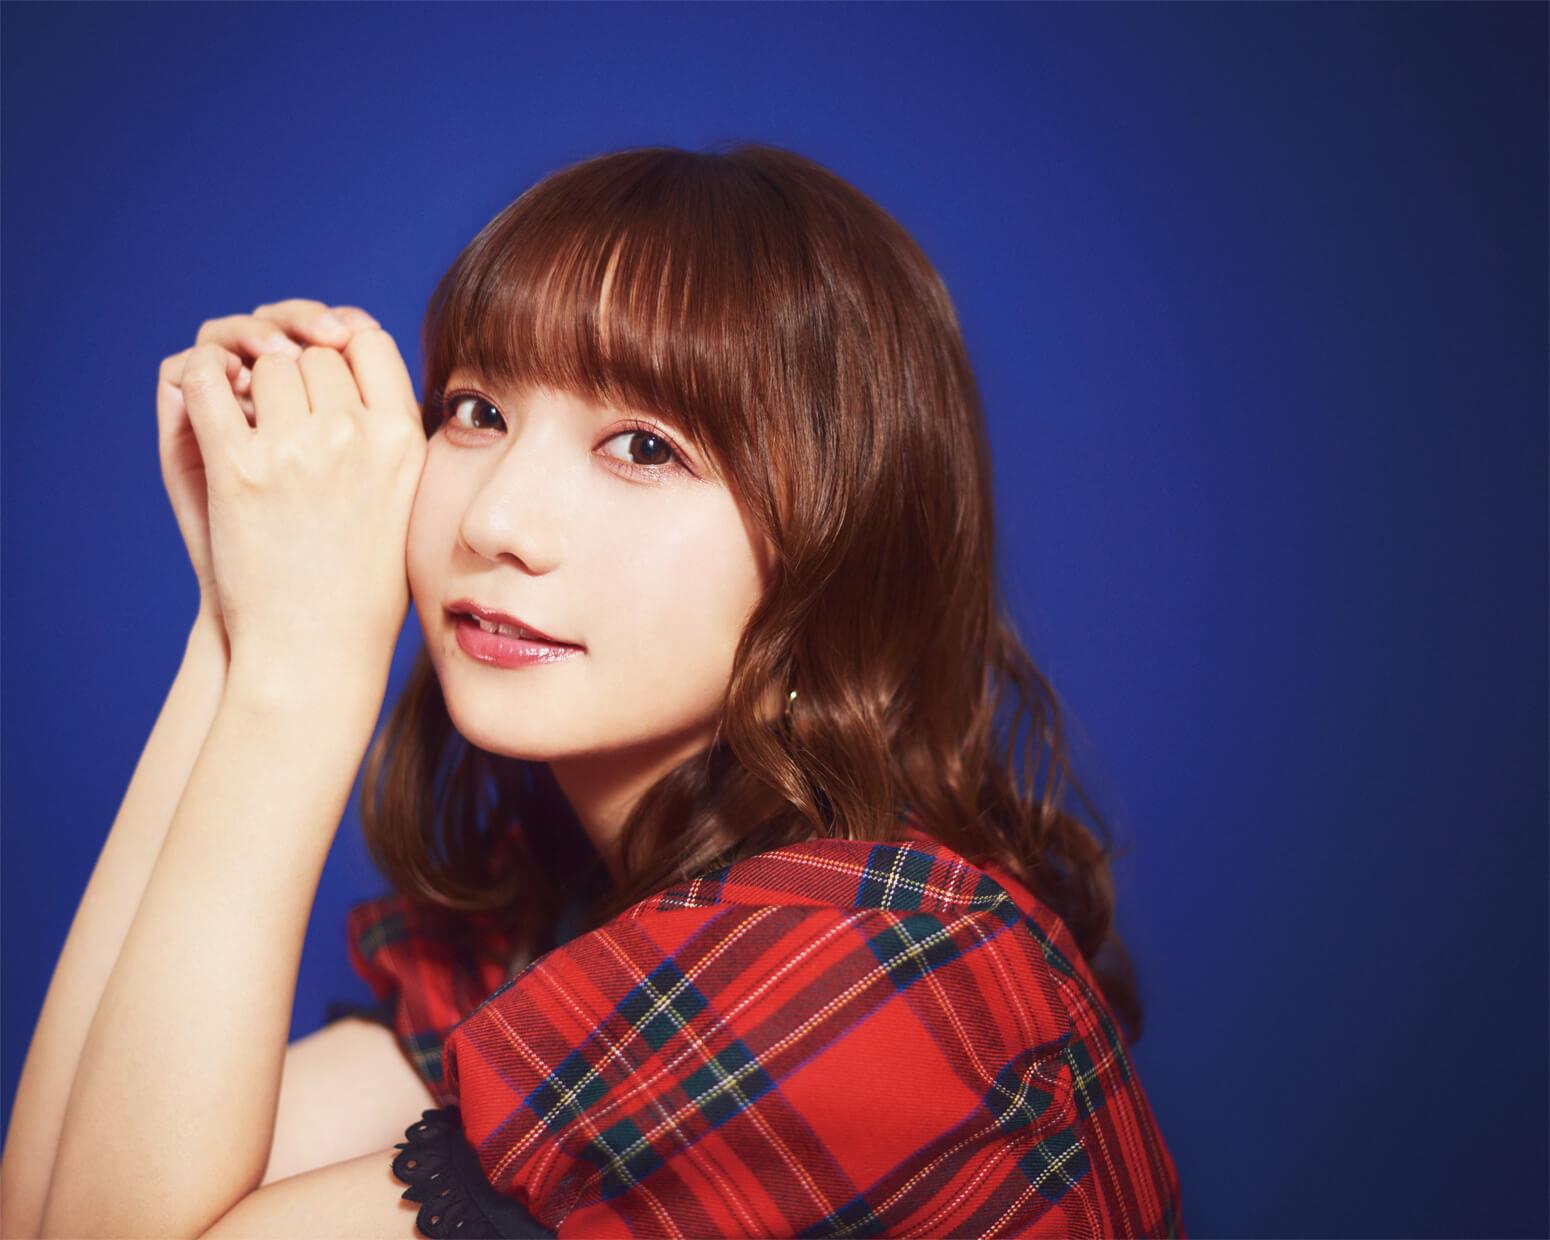 和氣あず未、1stアルバム「超革命的恋する日常」が2月17日に発売決定